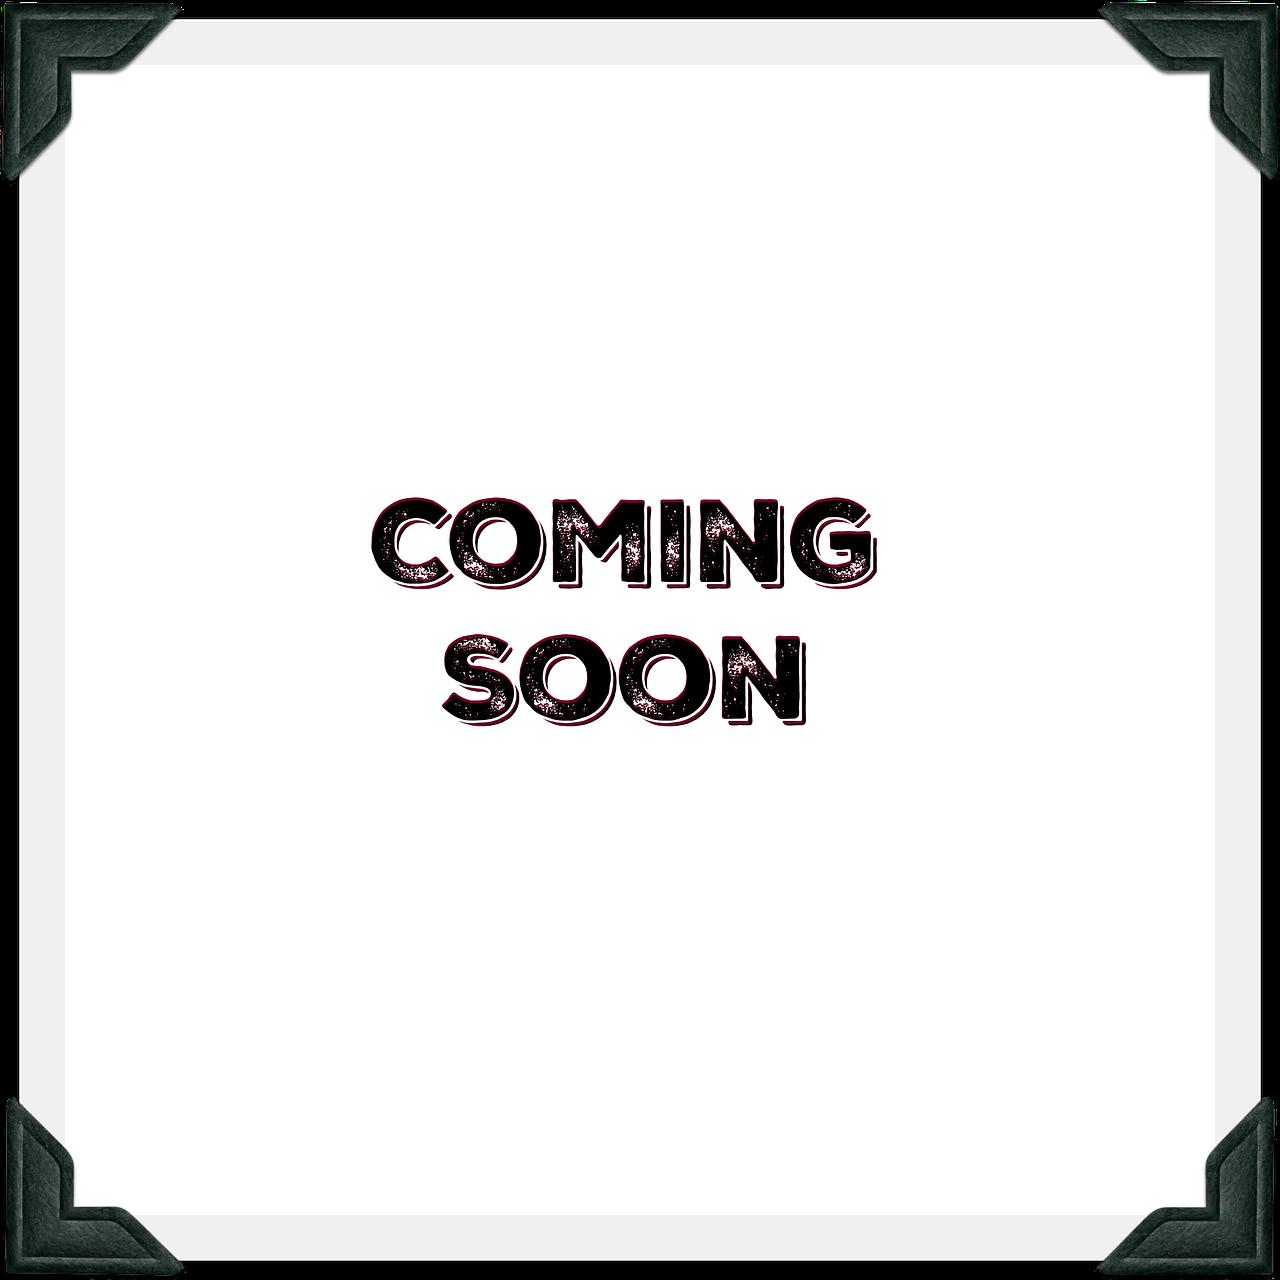 coming-soon-2070393_1280.jpg